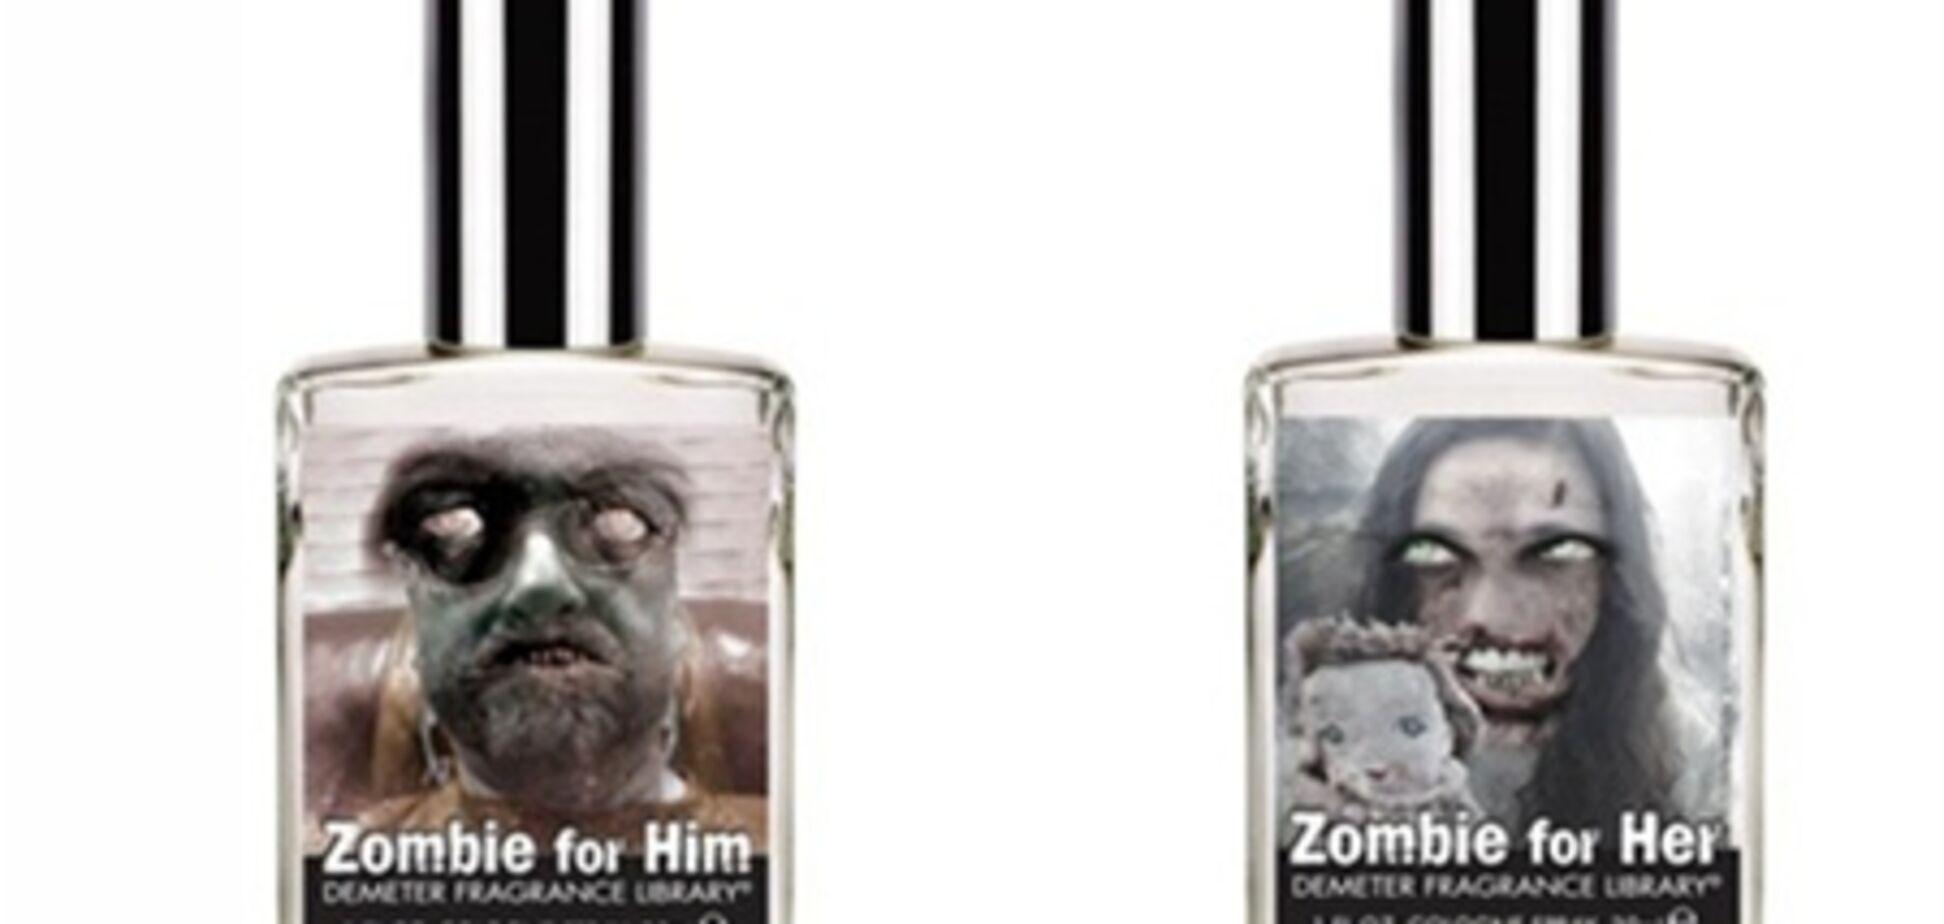 У США почали продавати духи для відлякування зомбі. Фото